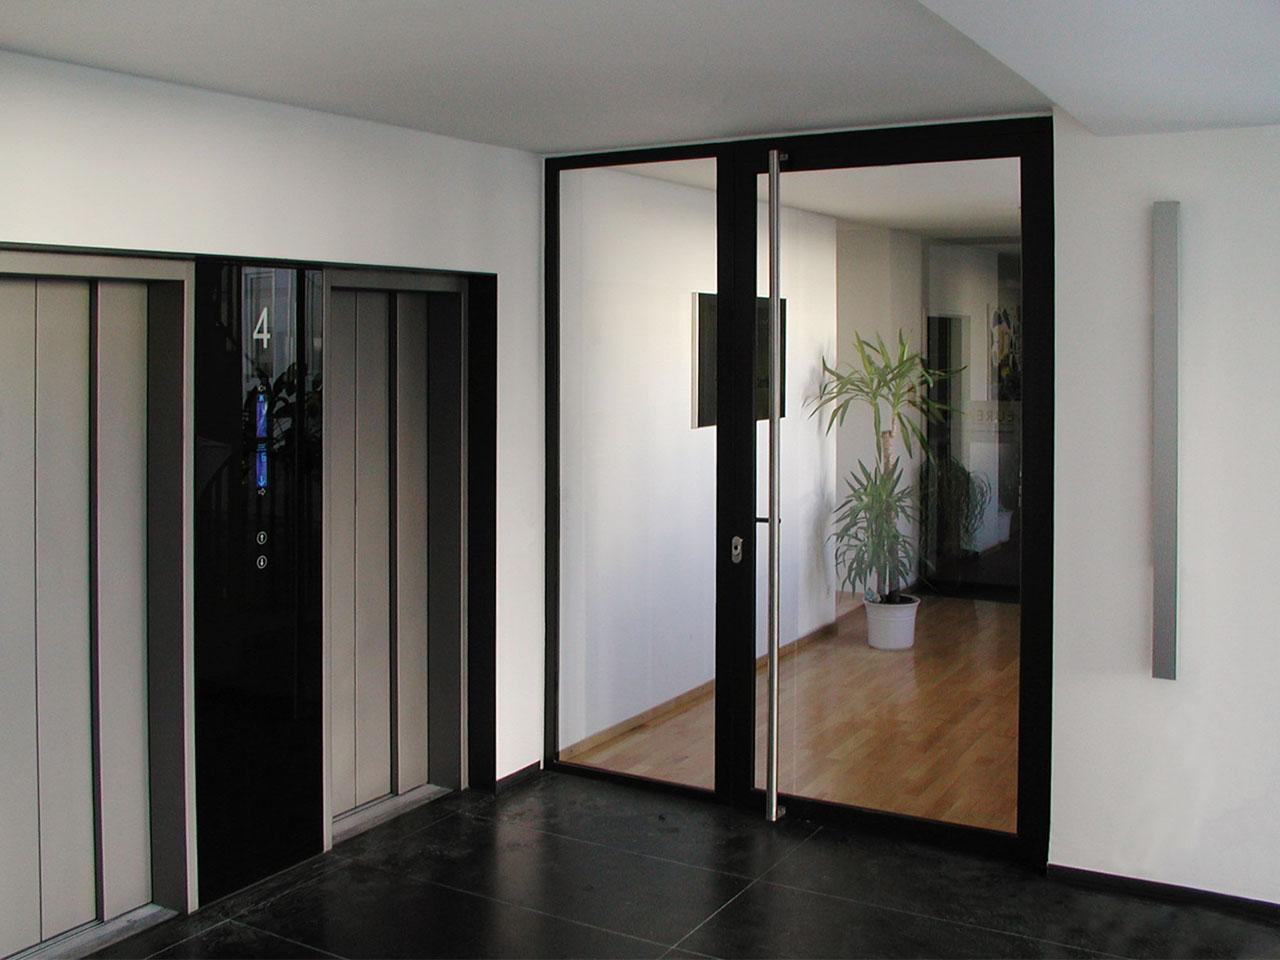 m8architekten m nchen schwabing wir lieben r ume. Black Bedroom Furniture Sets. Home Design Ideas